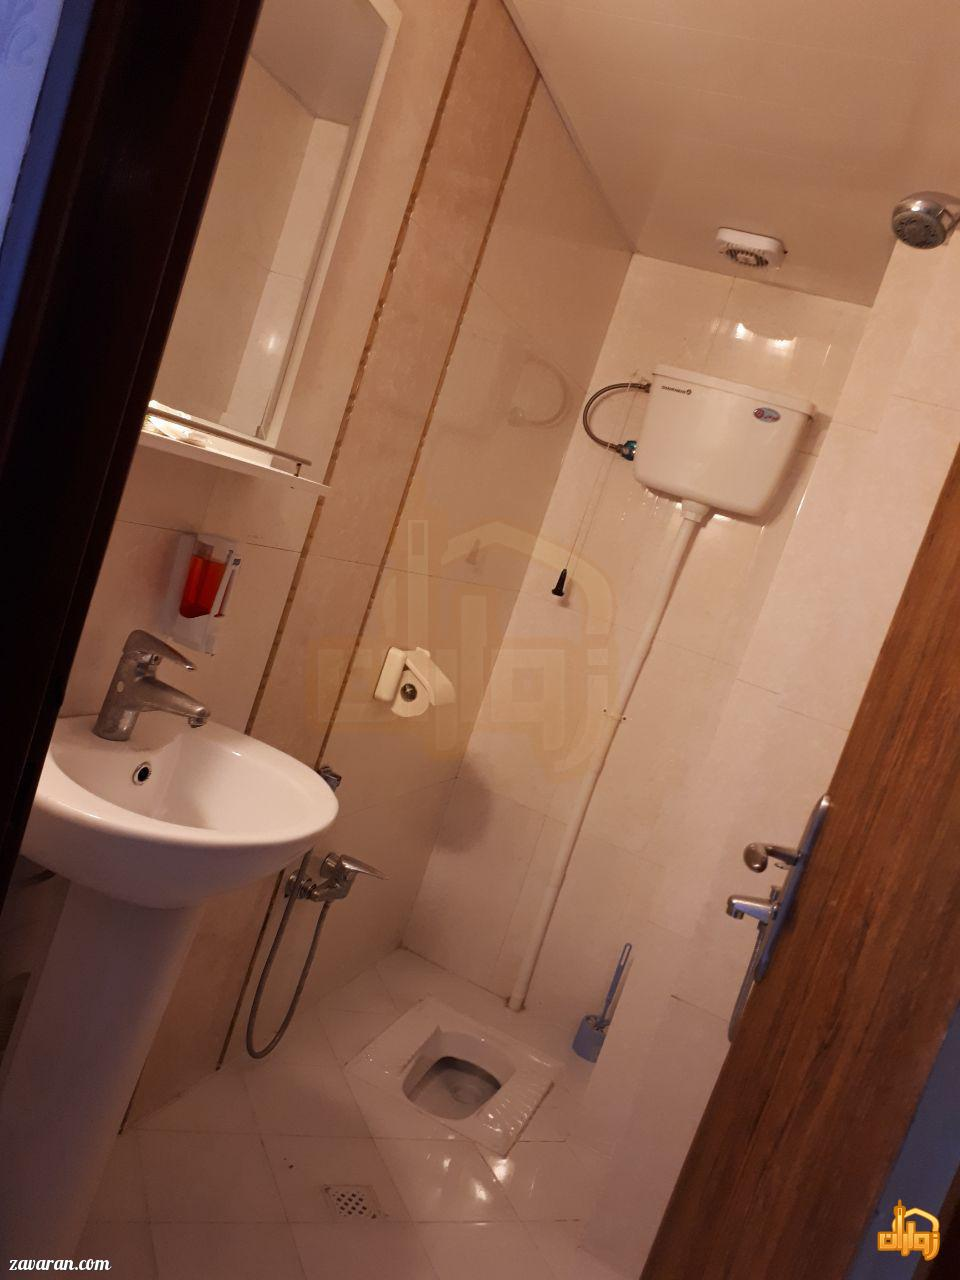 سرویس بهداشتی اتاق های هتل آپارتمان ثقلین مشهد